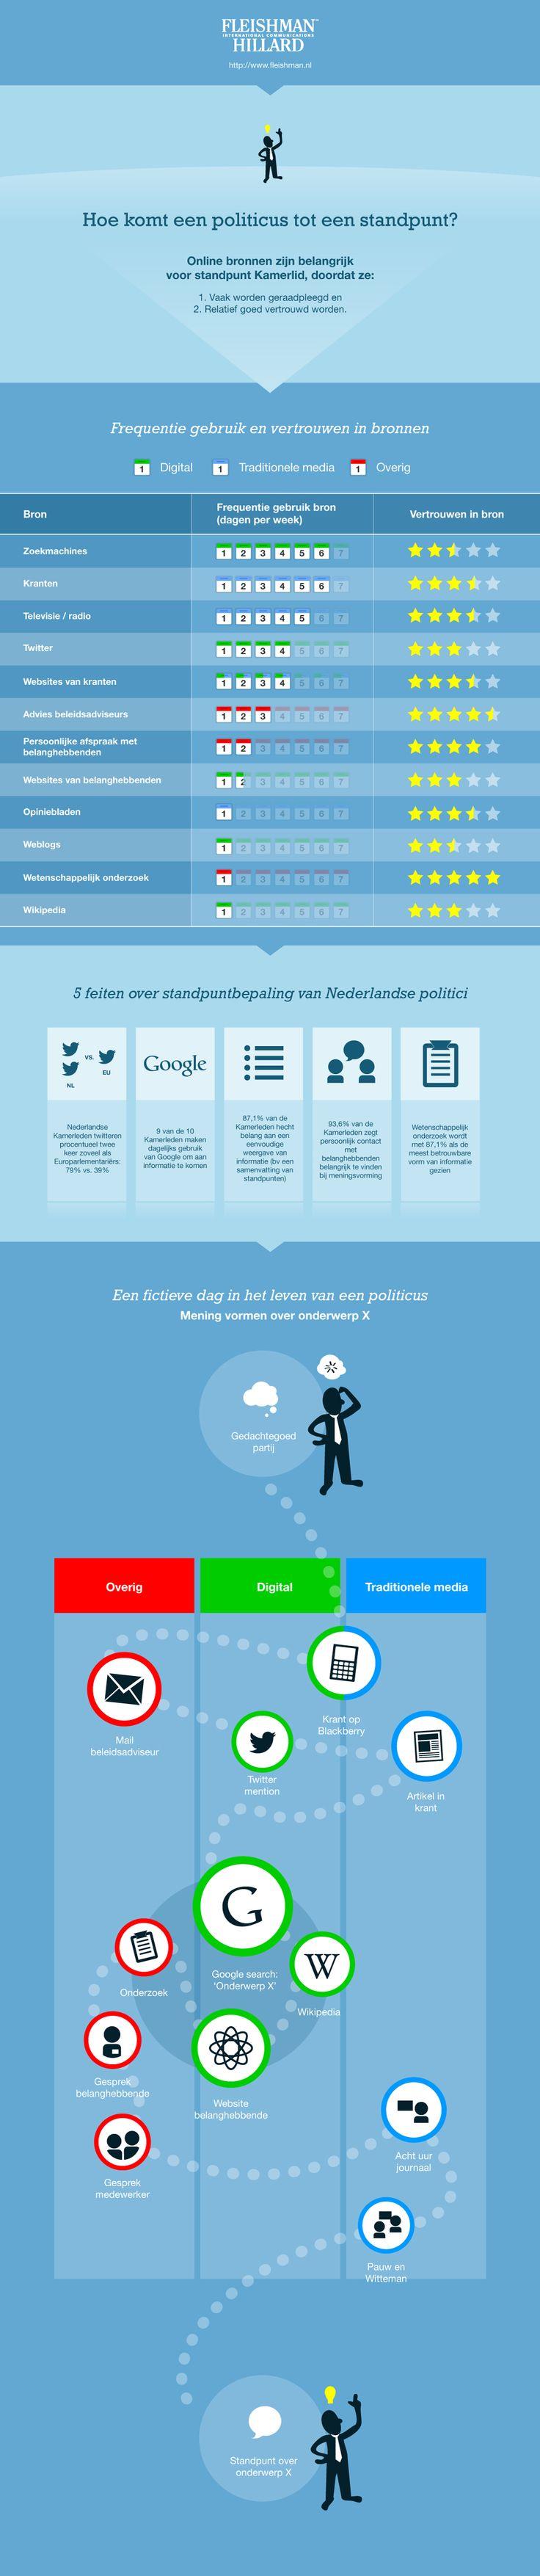 Online communicatie belangrijk voor Kamerleden [infographic]